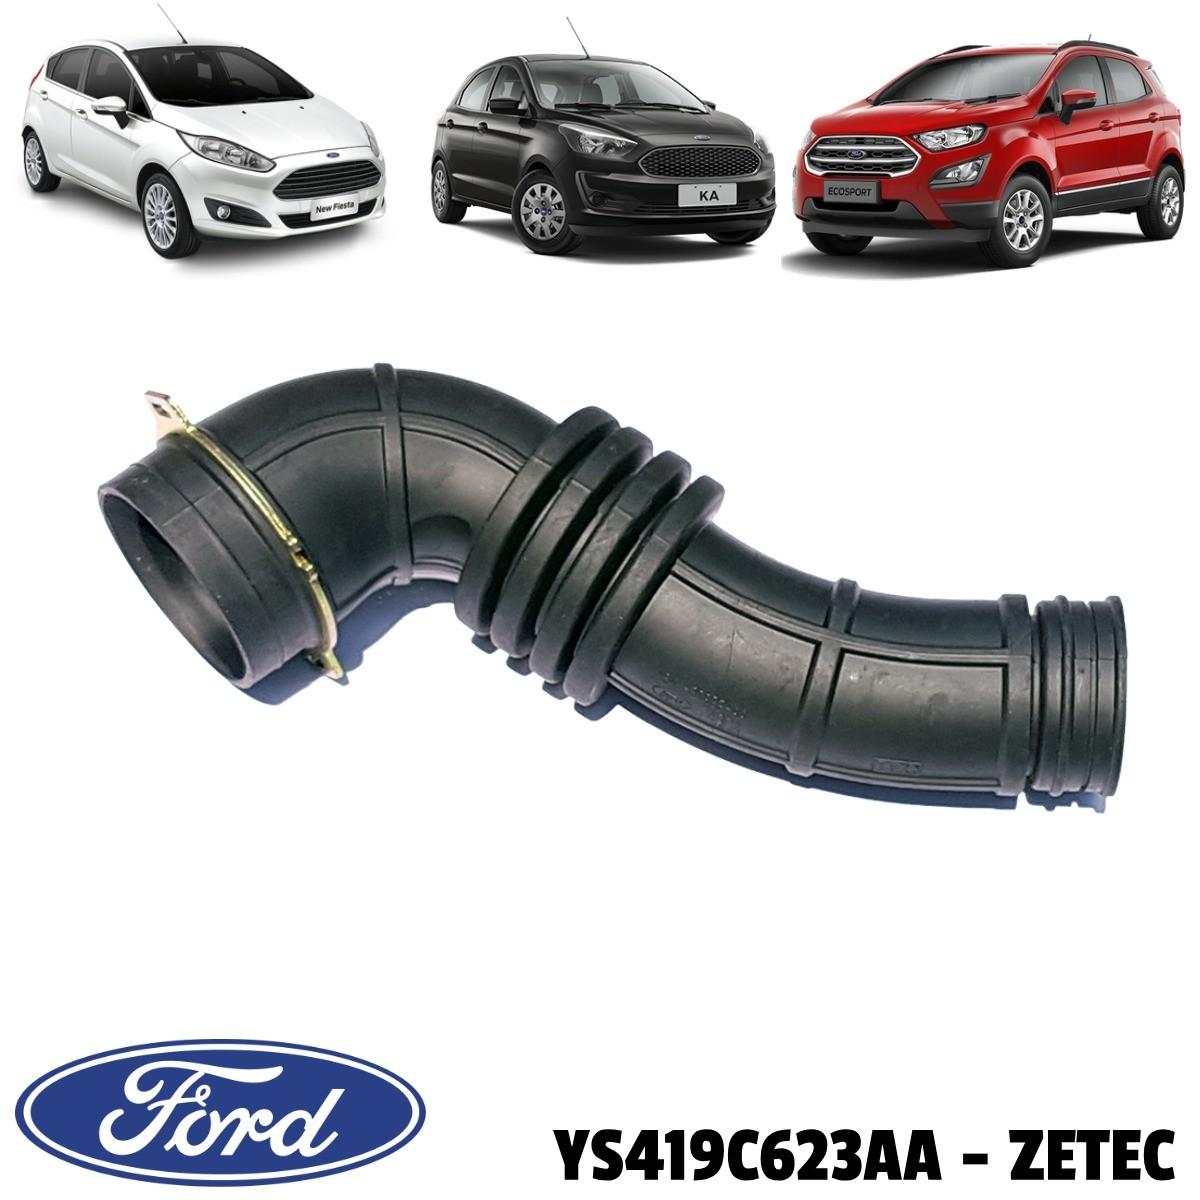 Mangueira do Filtro de Ar Ford Zetec  Rocam 1,6 8V YS419C623AA - Original